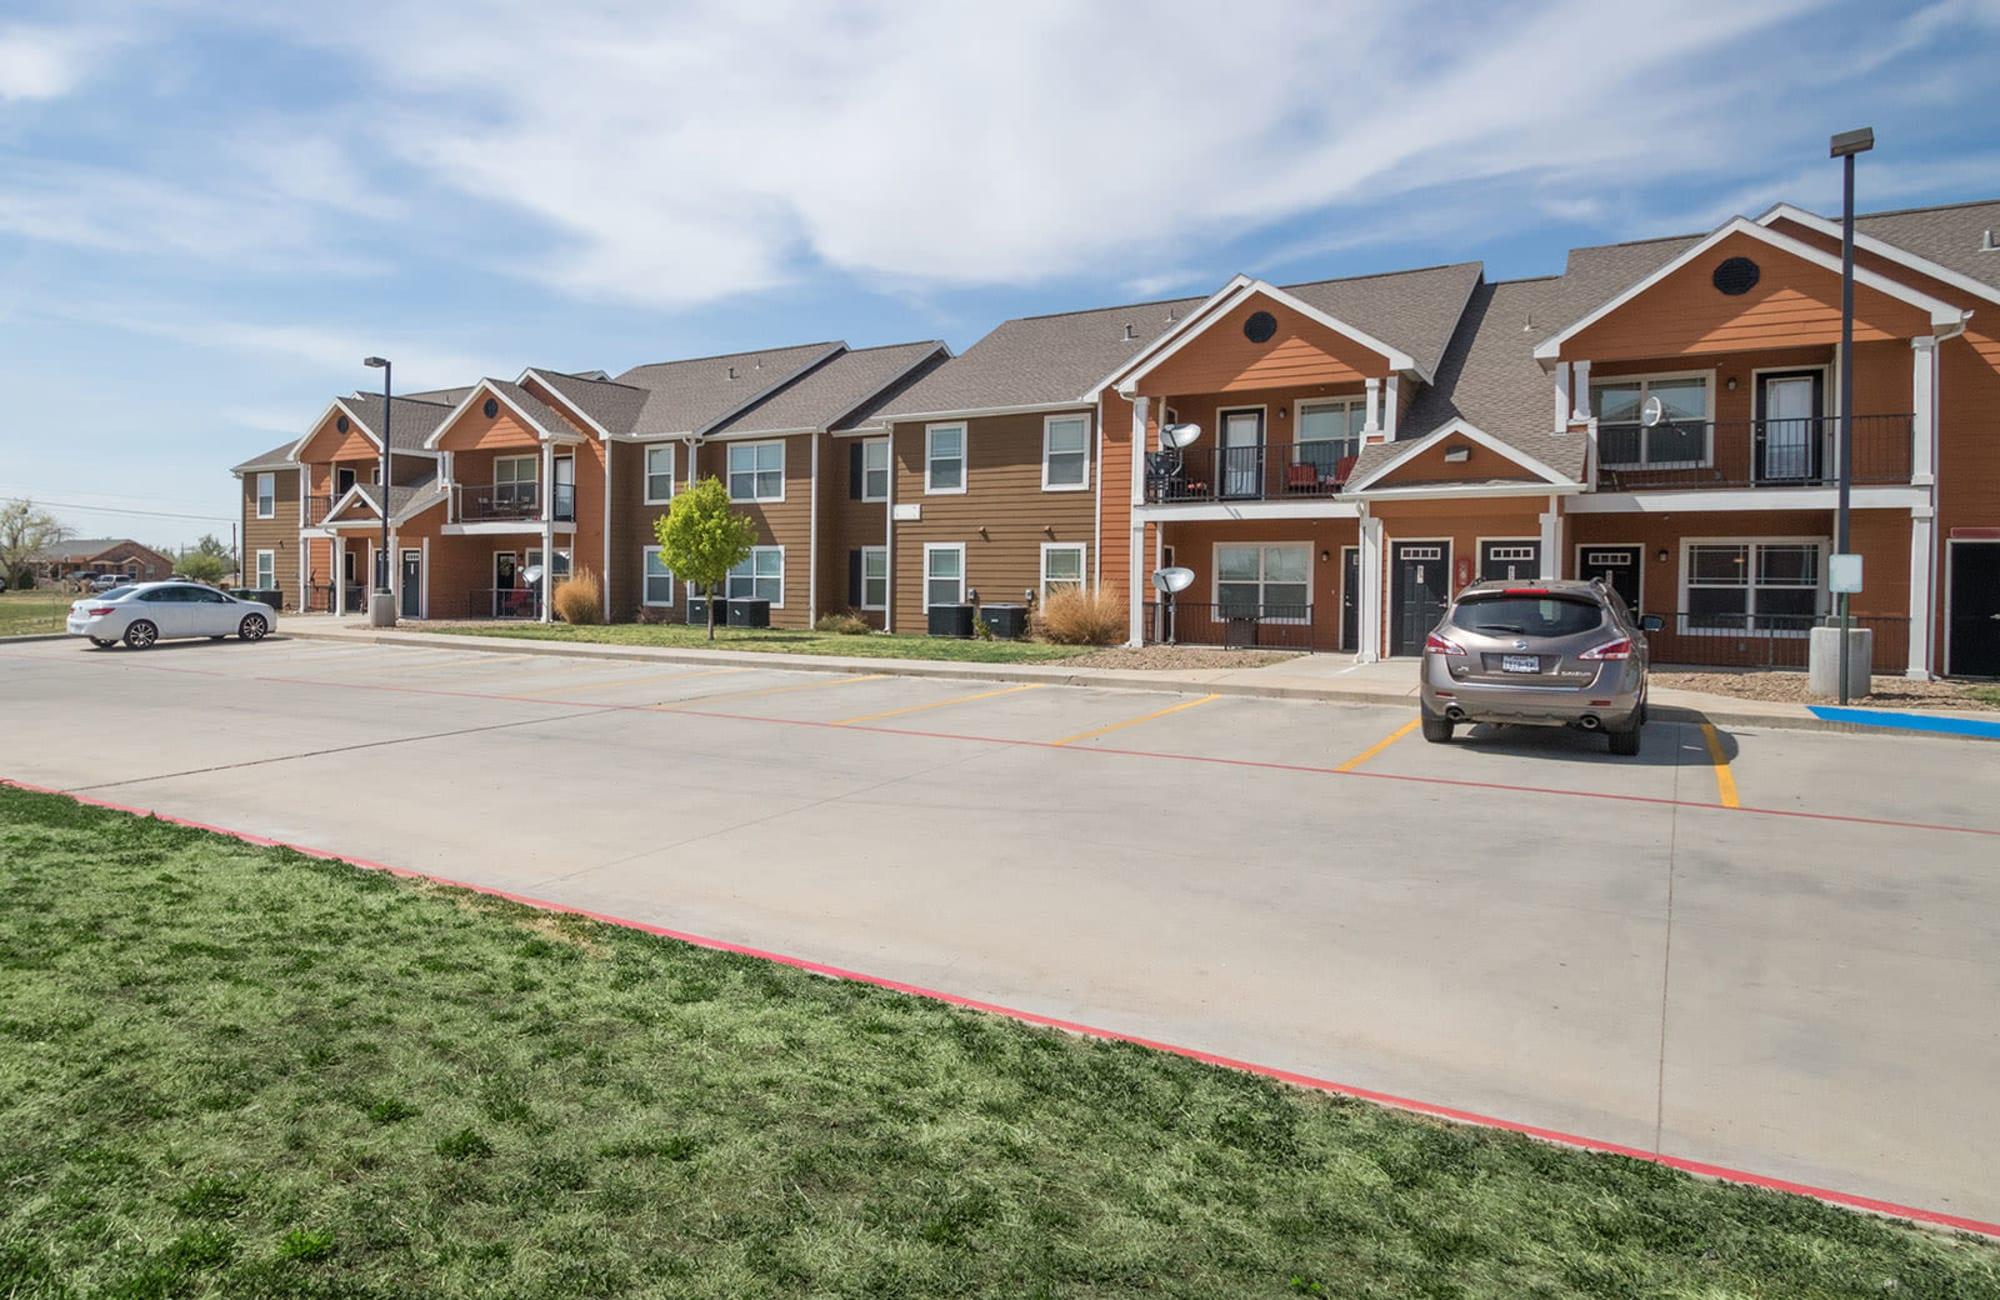 Apartments in Dumas, TX